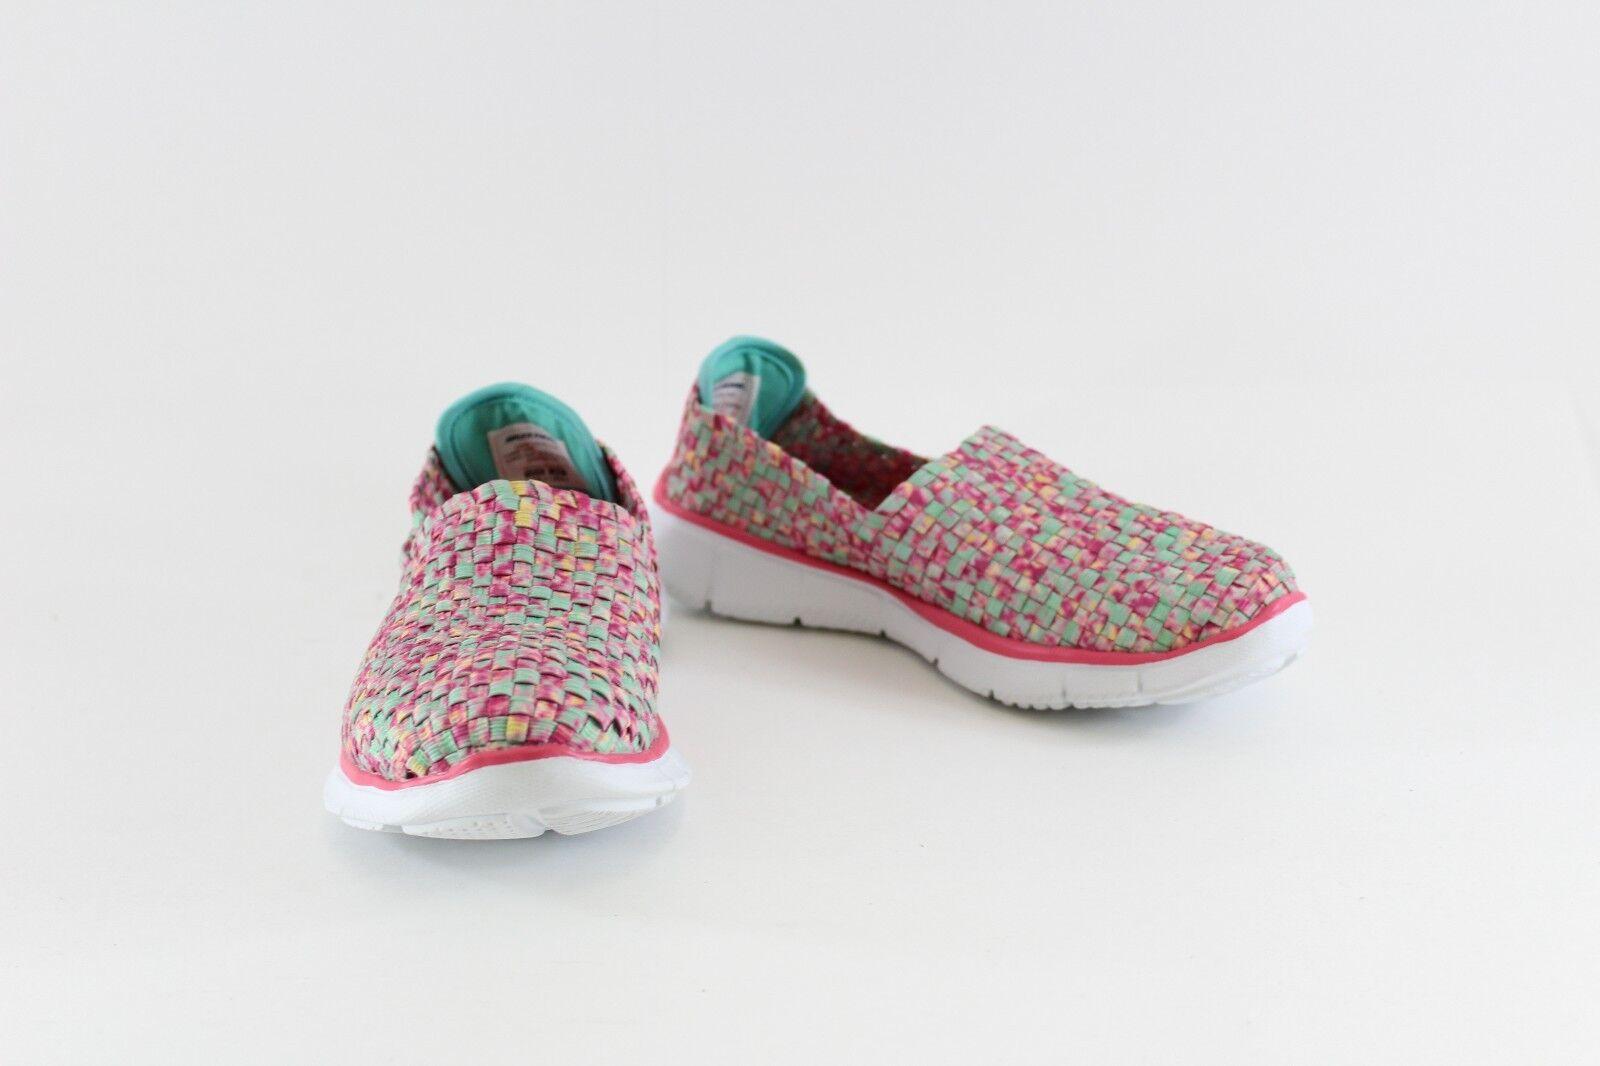 Skechers Sport Sport Sport Women's Vivid Dream Fashion Sneaker,Pink Multi,6.5 M US bfee0c